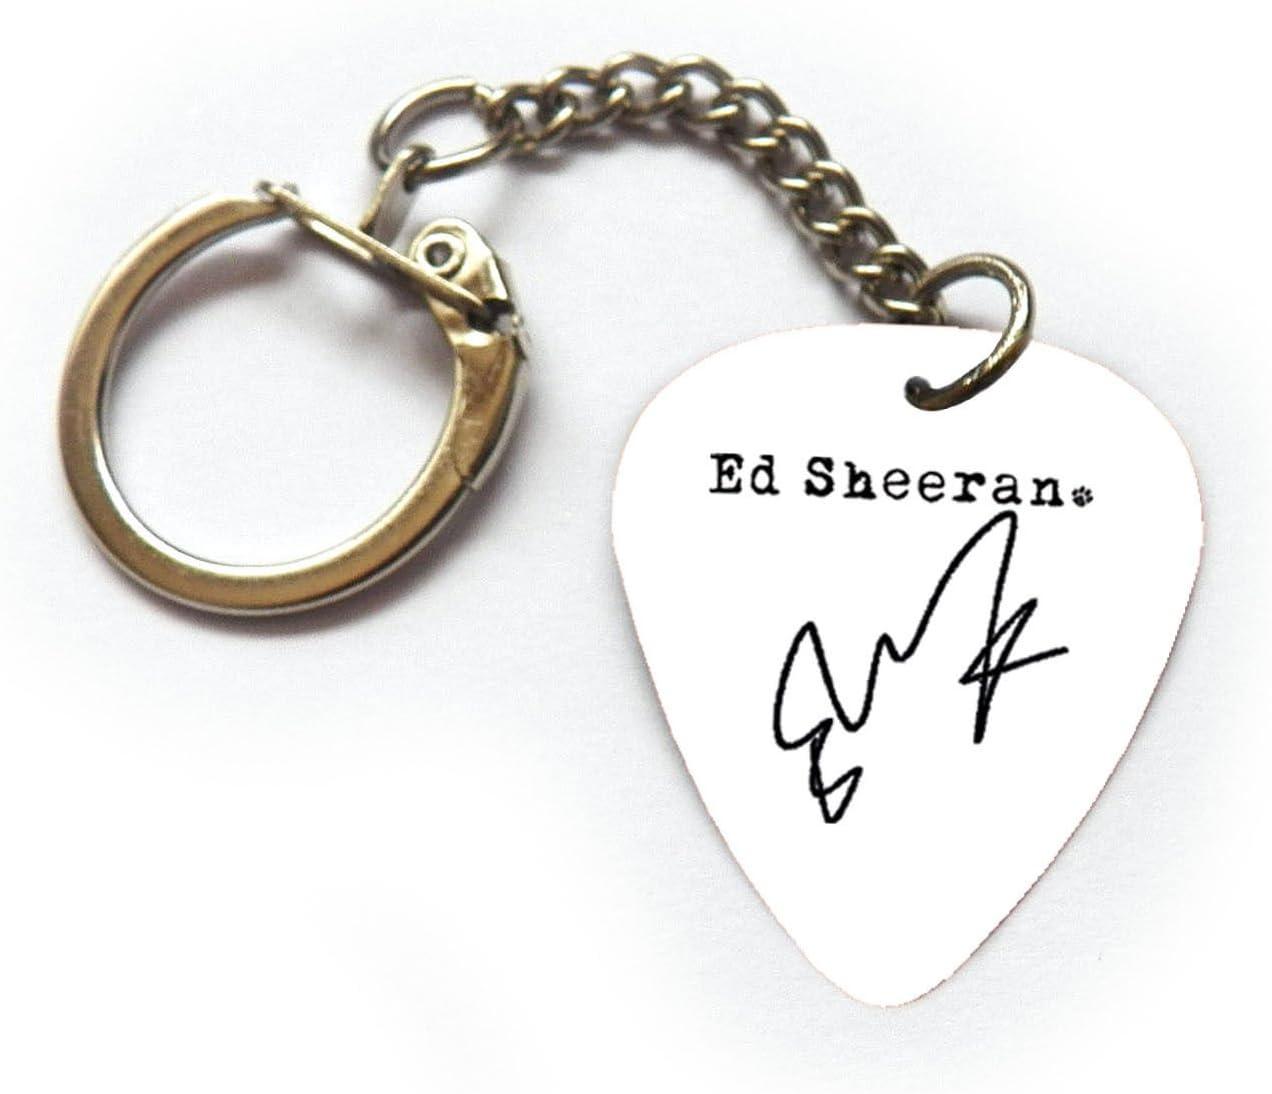 Firma de Ed Sheeran púa de guitarra Plectrum llavero pulsera collar pendientes Pin, 6x Full Set: Amazon.es: Instrumentos musicales